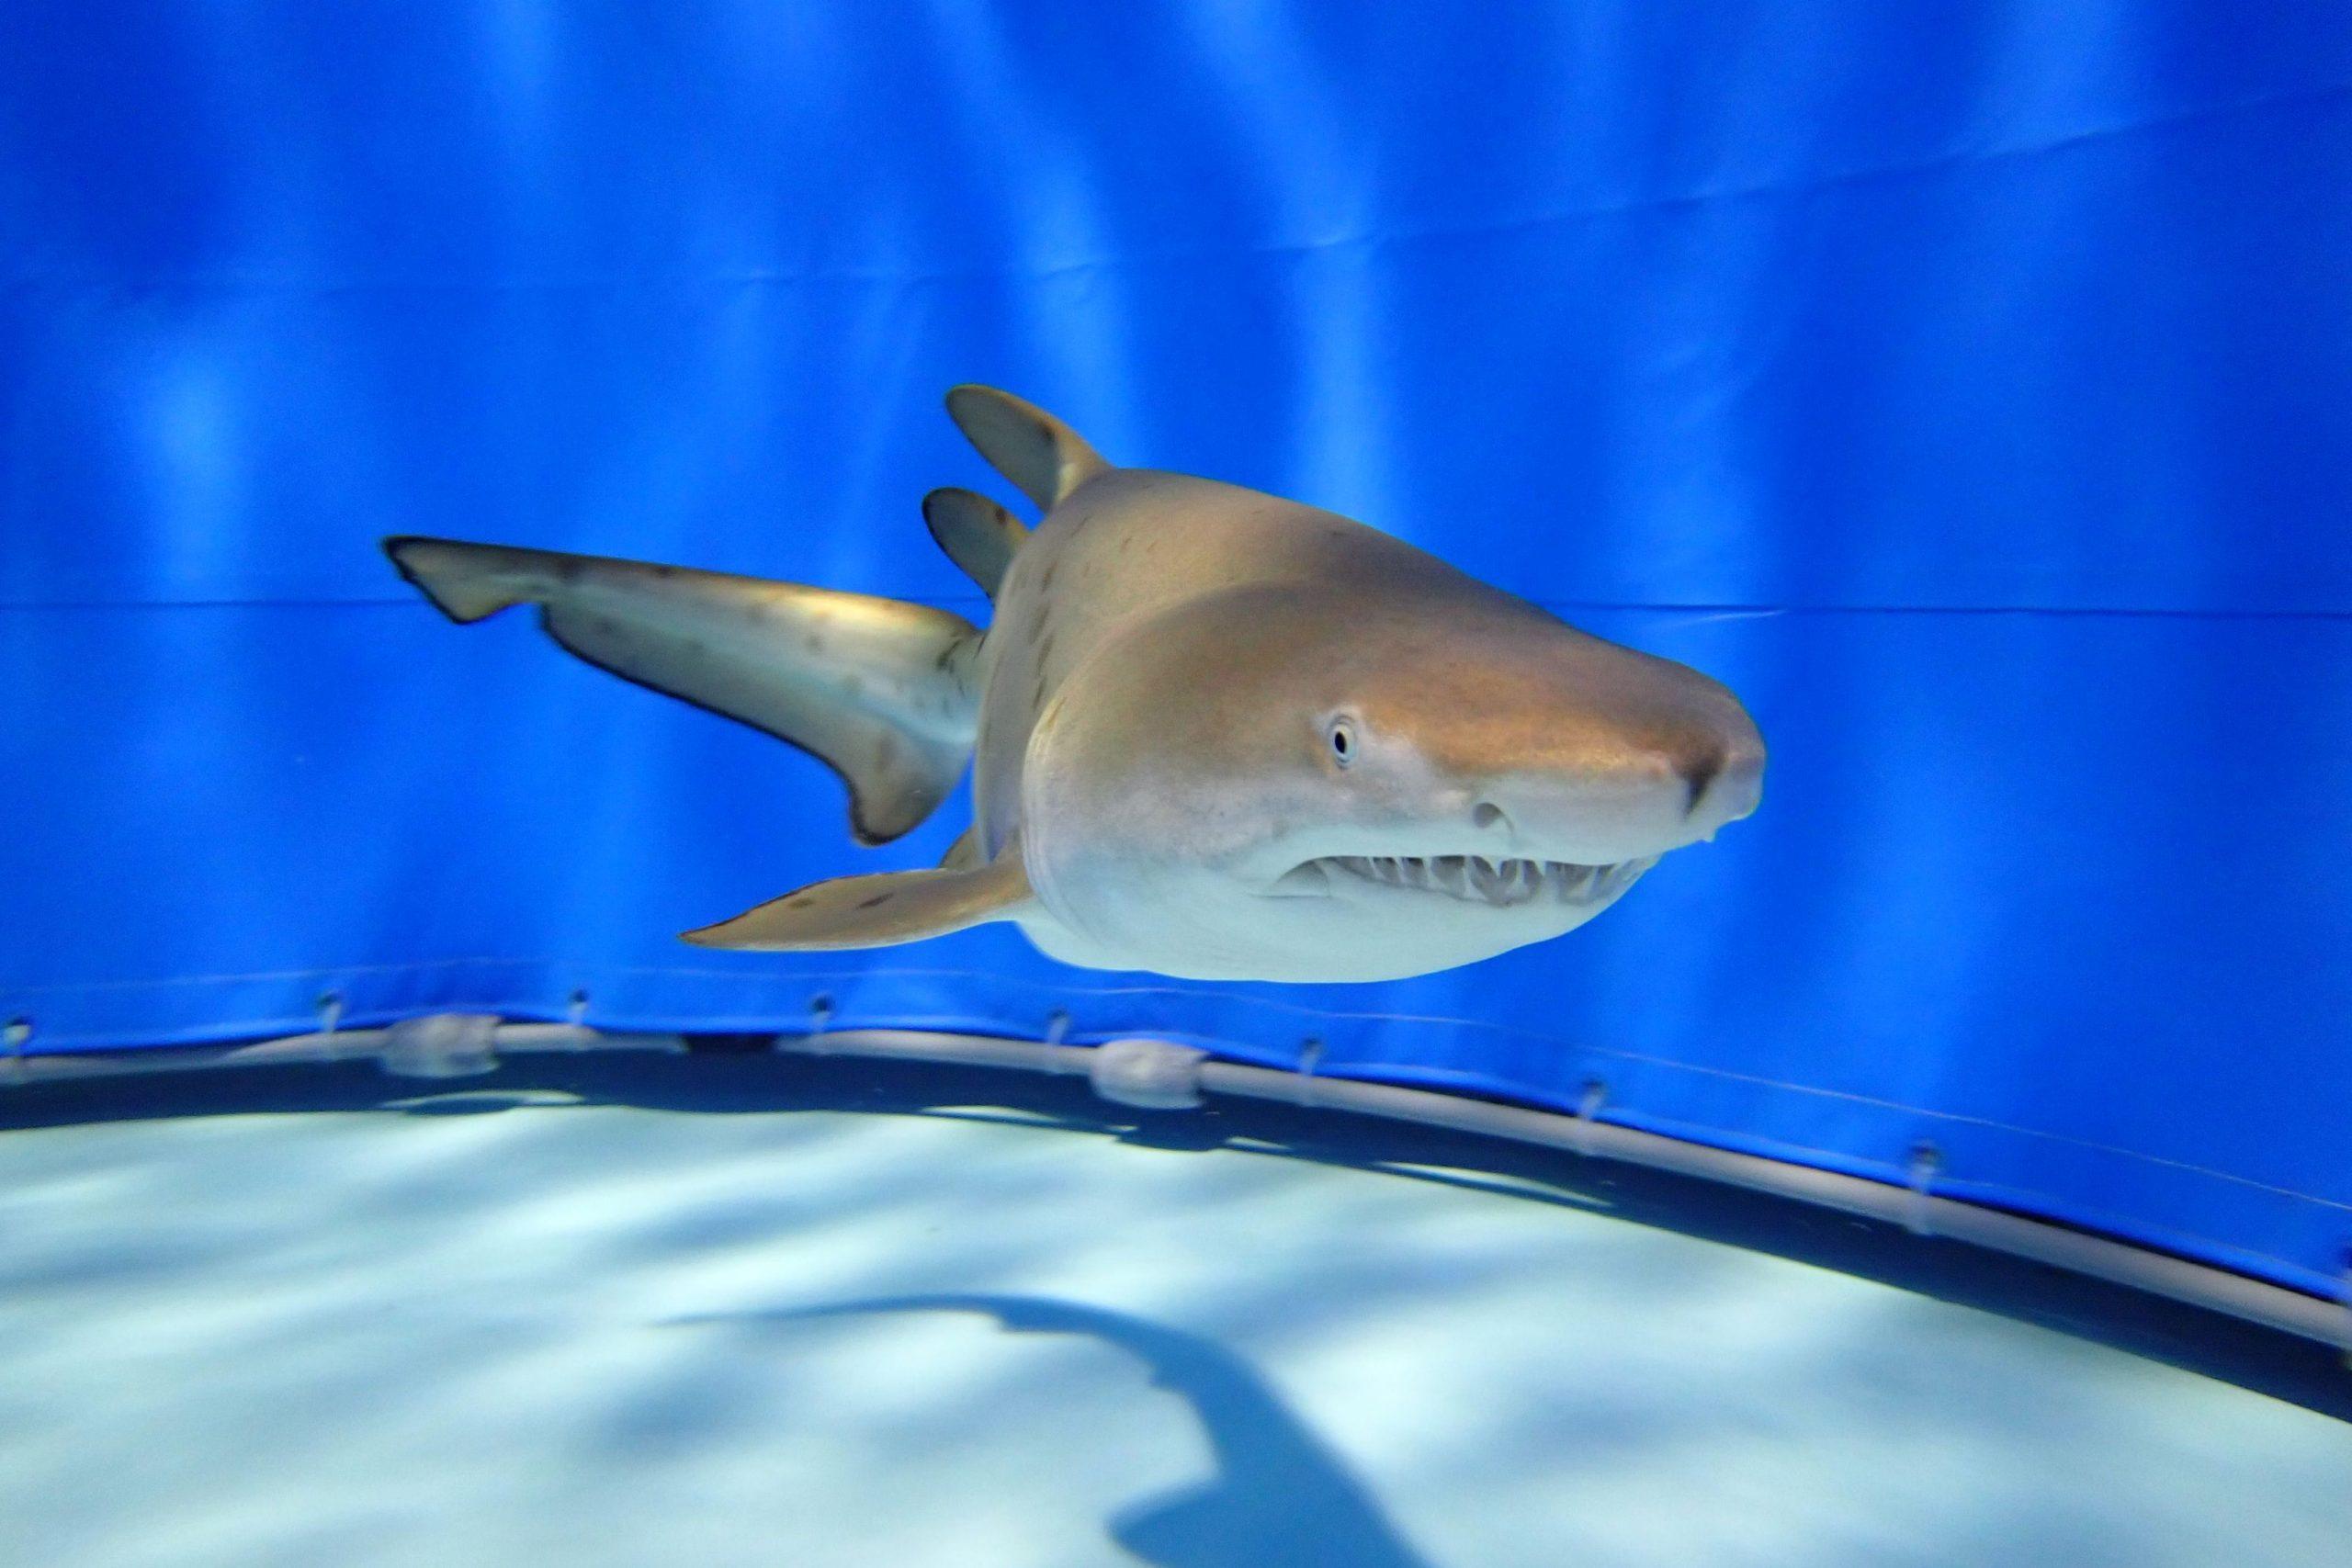 日本初、アクアワールド大洗水族館でシロワニの赤ちゃん展示開始